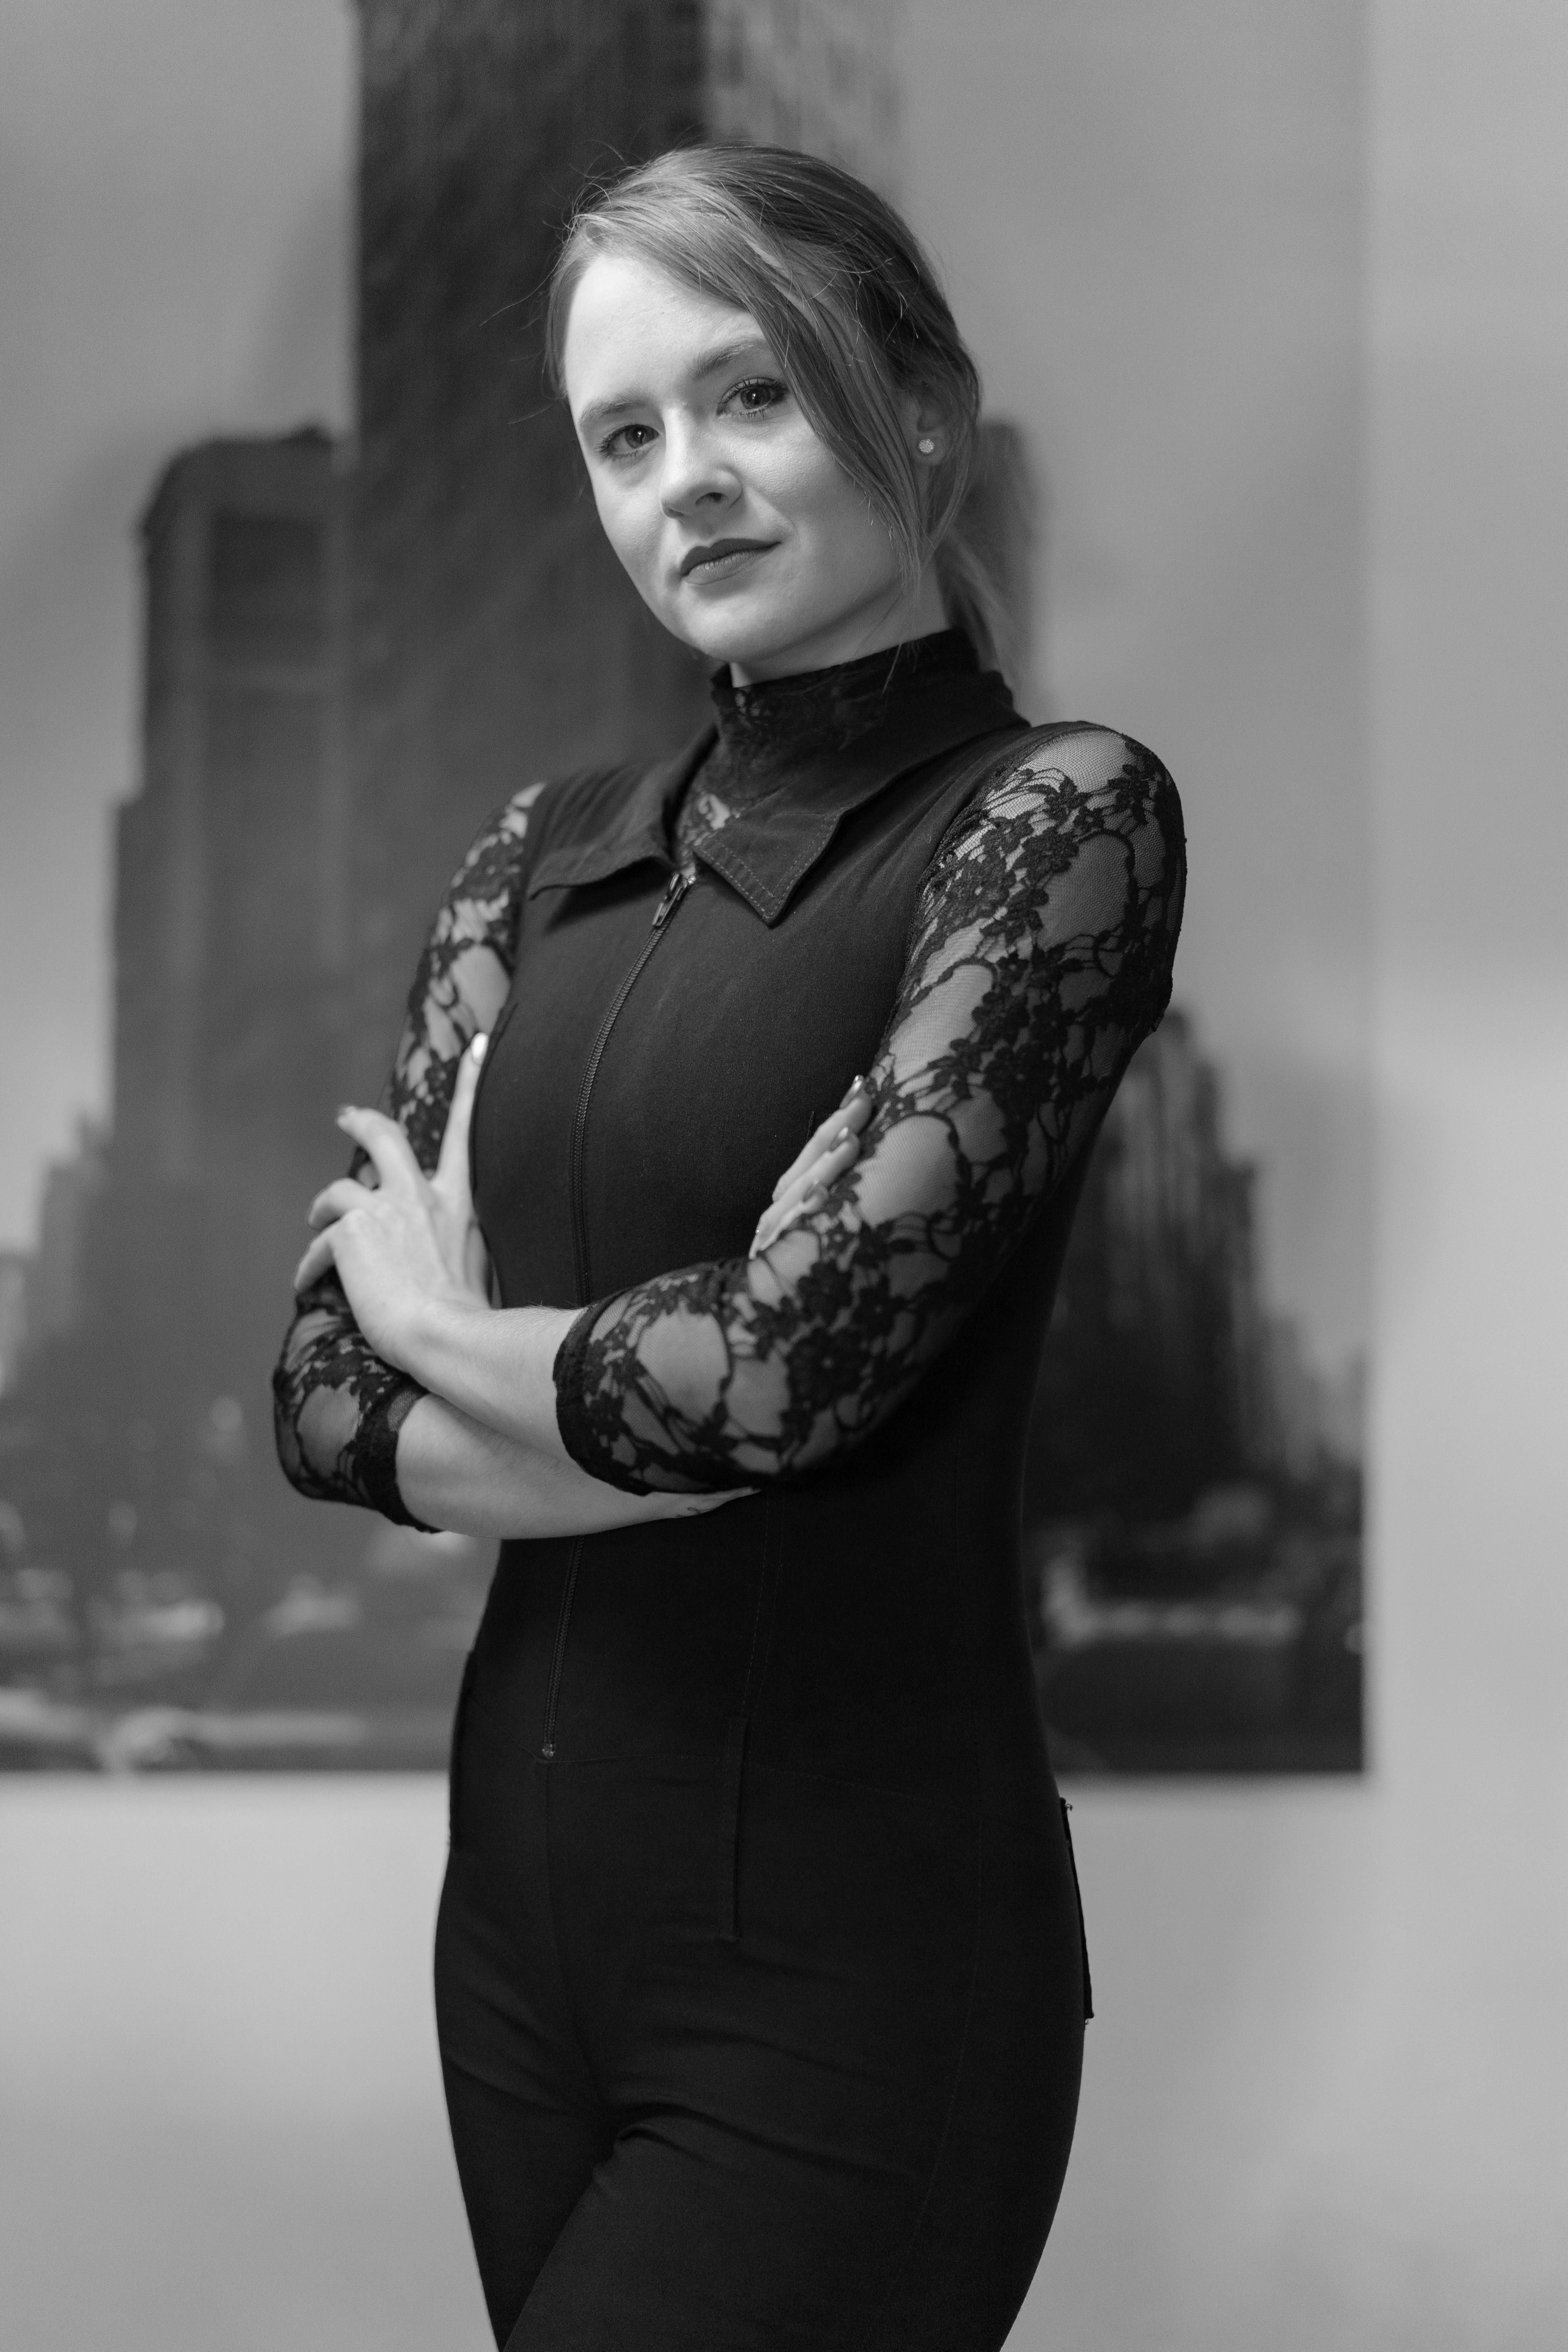 Anastasia voloshina model работа в оренбурге для девушек свежие вакансии